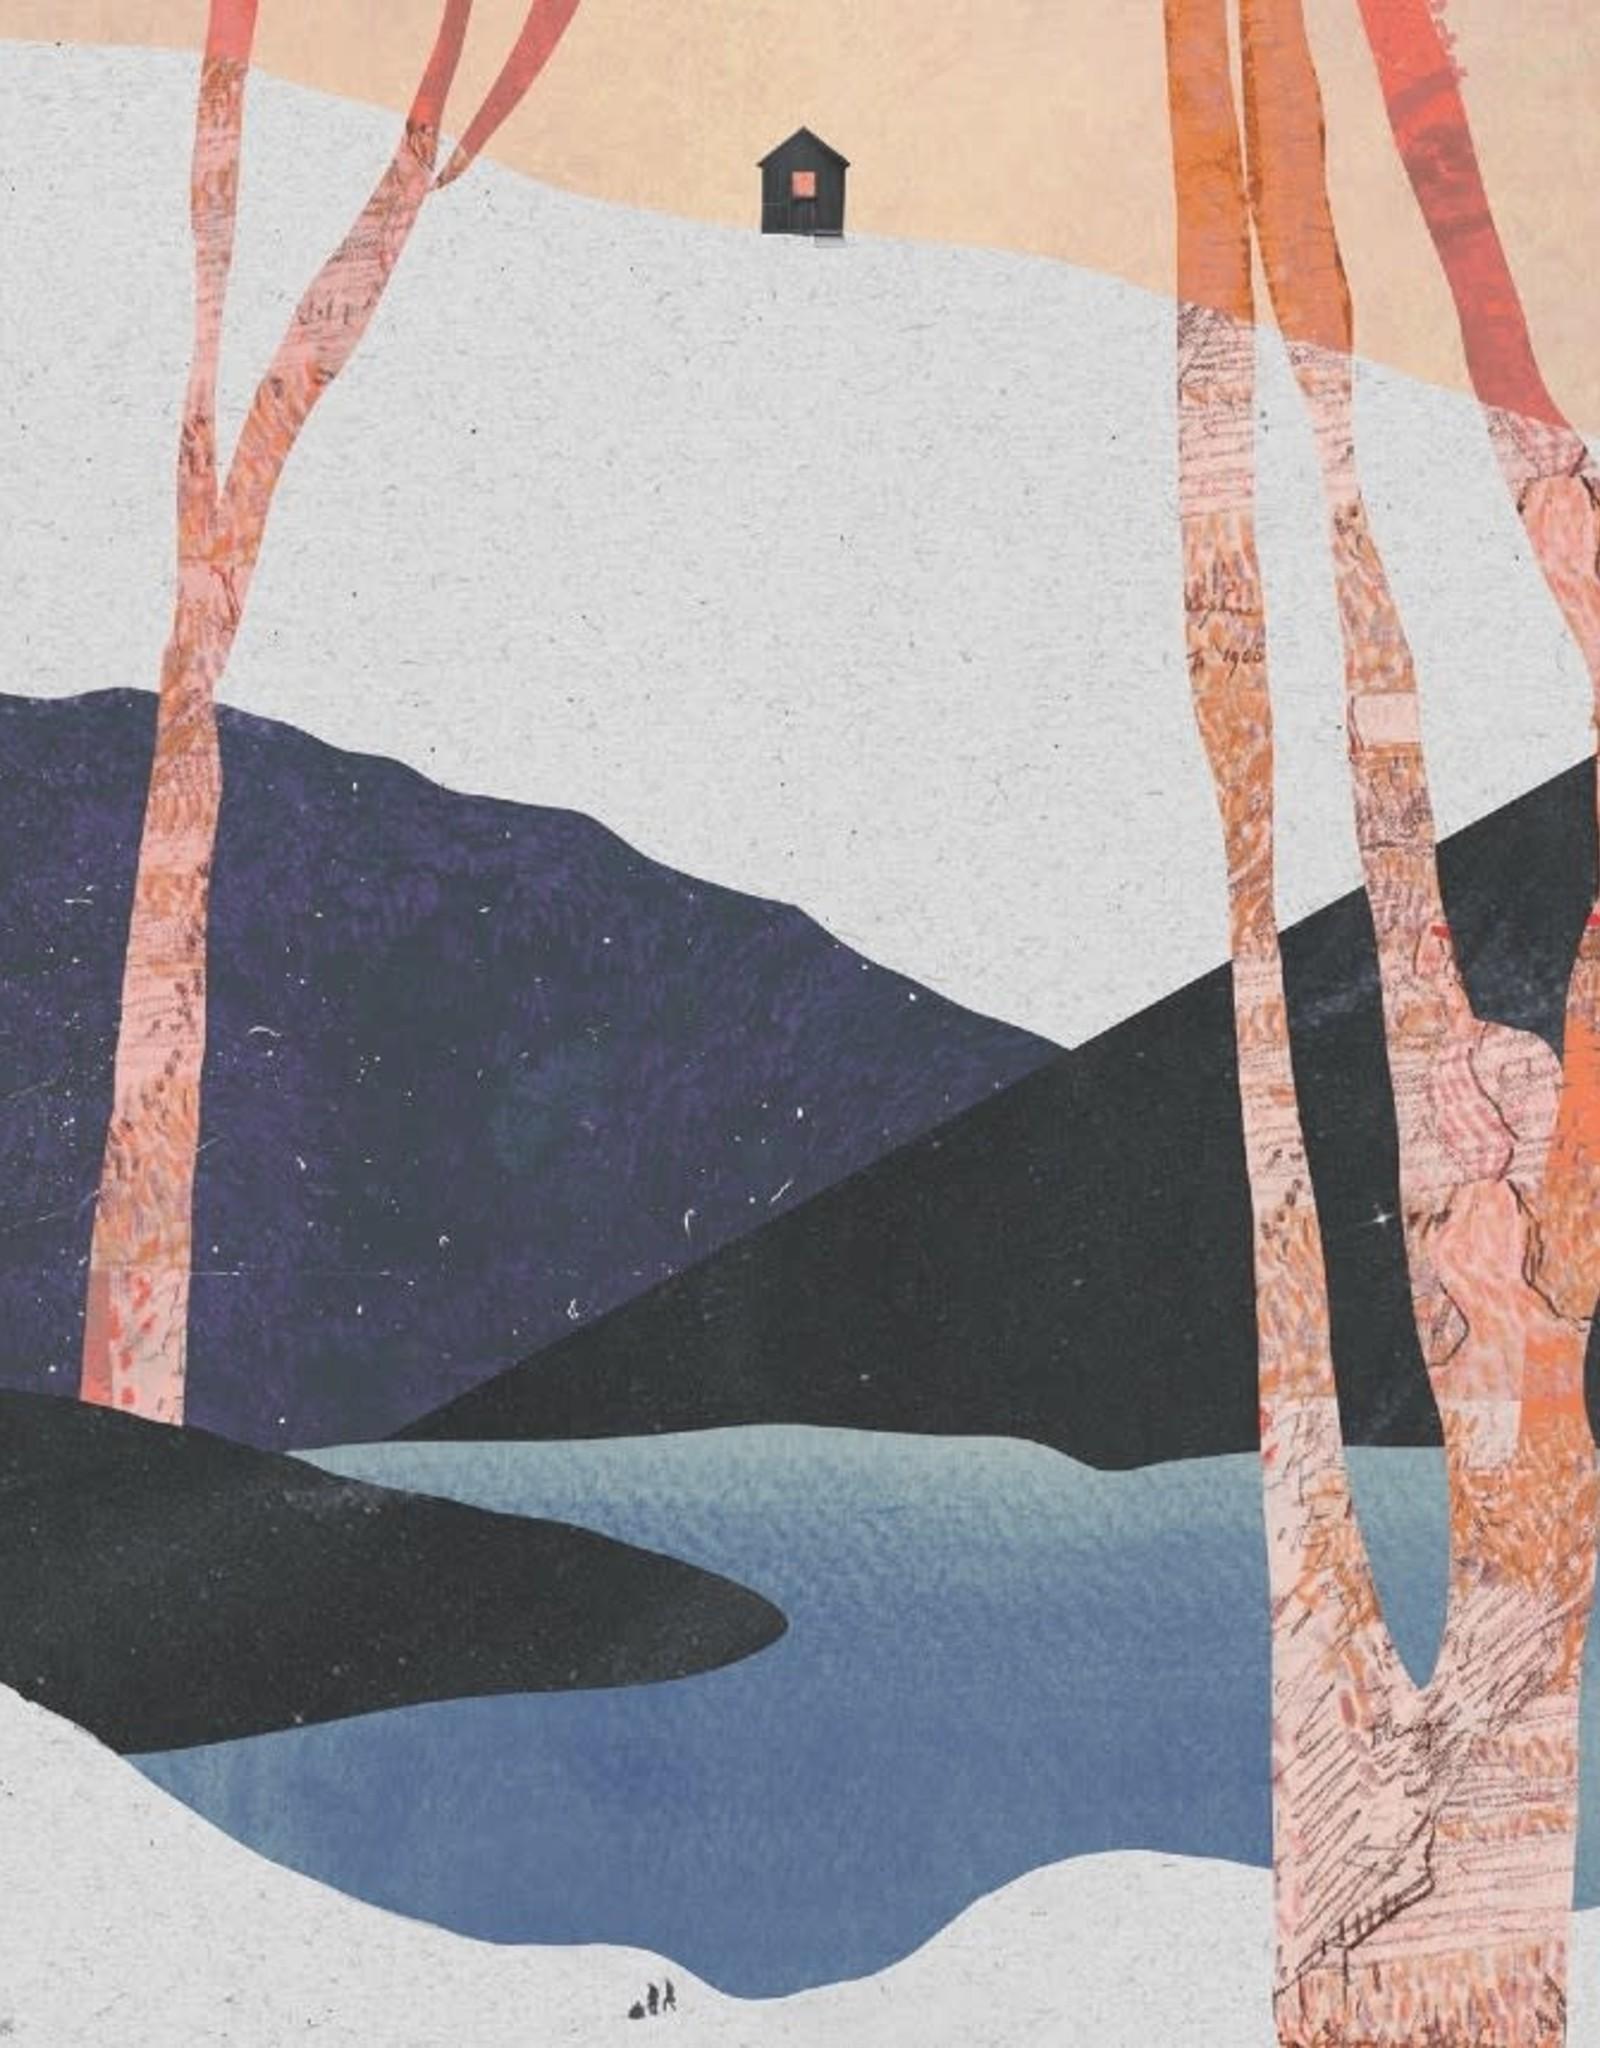 DRÉA Collage Affiche 8.5x11 Le refuge Dréa Collage